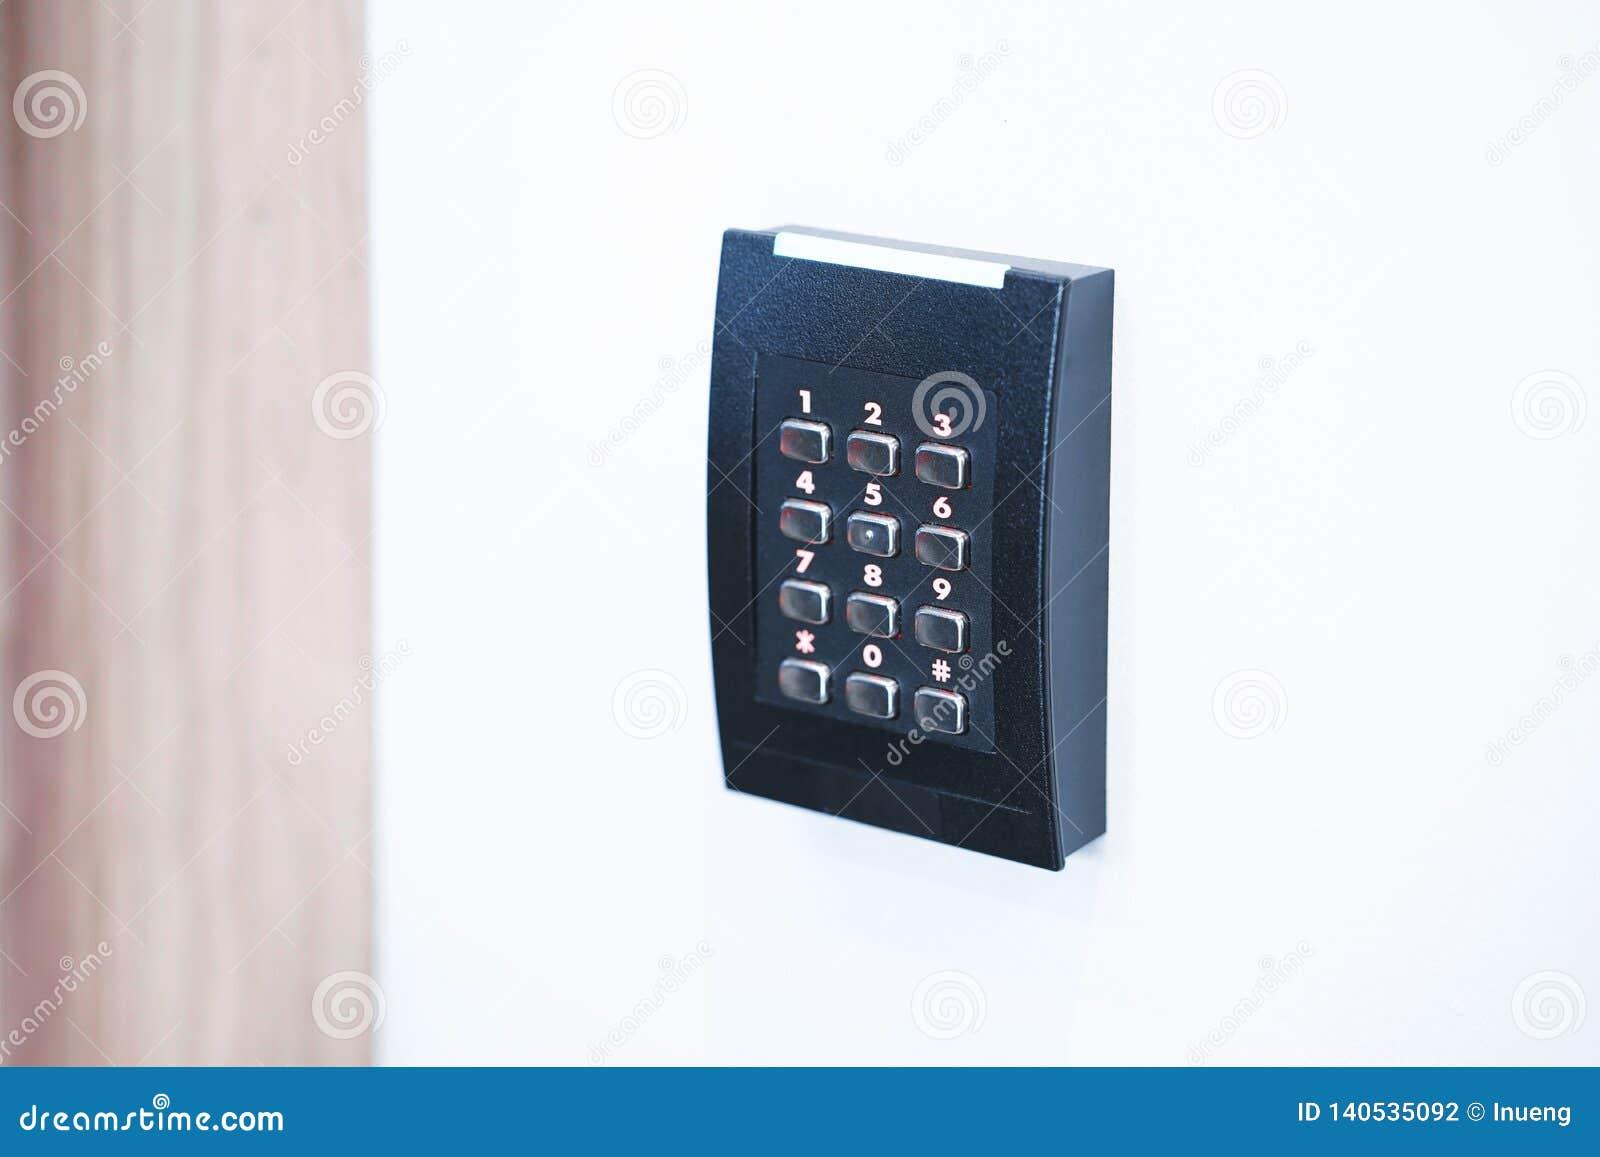 Drzwiowa kontrola dostępu klawiatura z keycard czytelnikiem